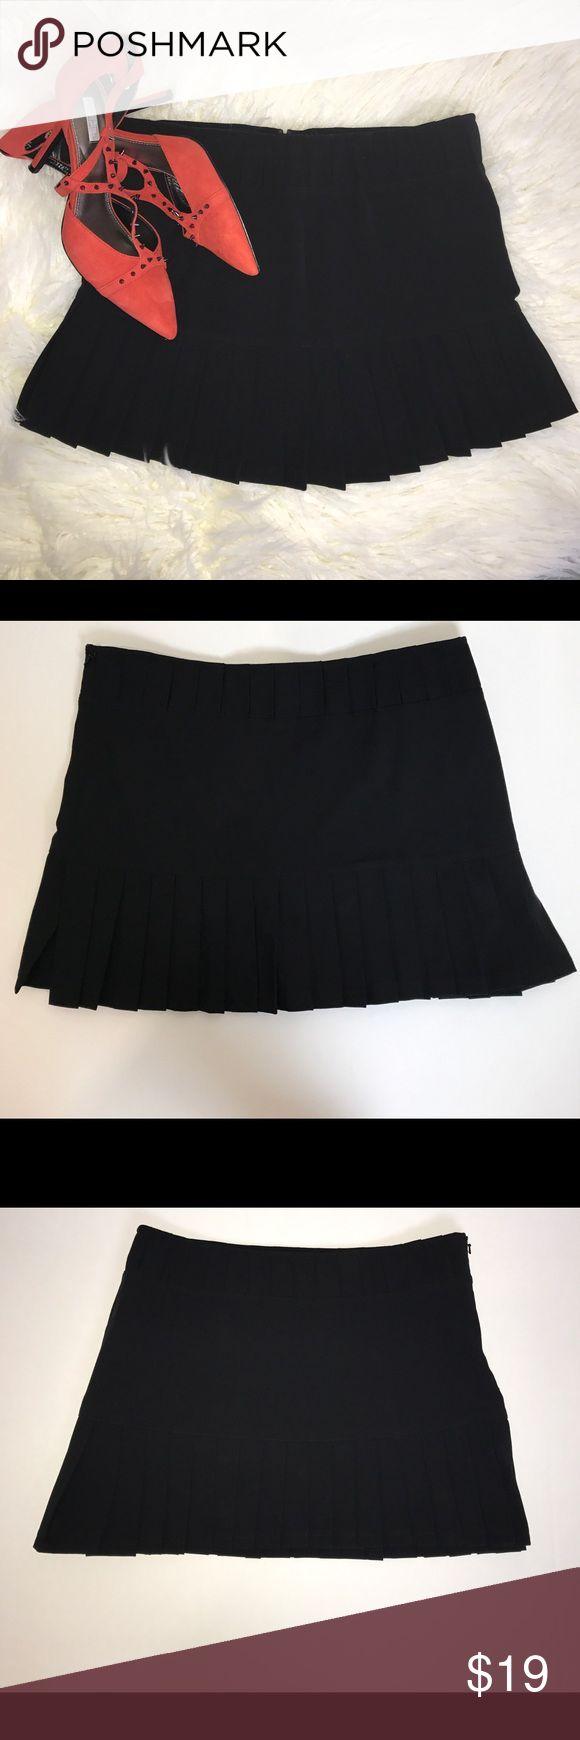 Buffalo David Bitton Buffalo Black Skirt Size 2 Buffalo David Bitton black pleated mini skirt. Size 2 Buffalo David Bitton Skirts Mini